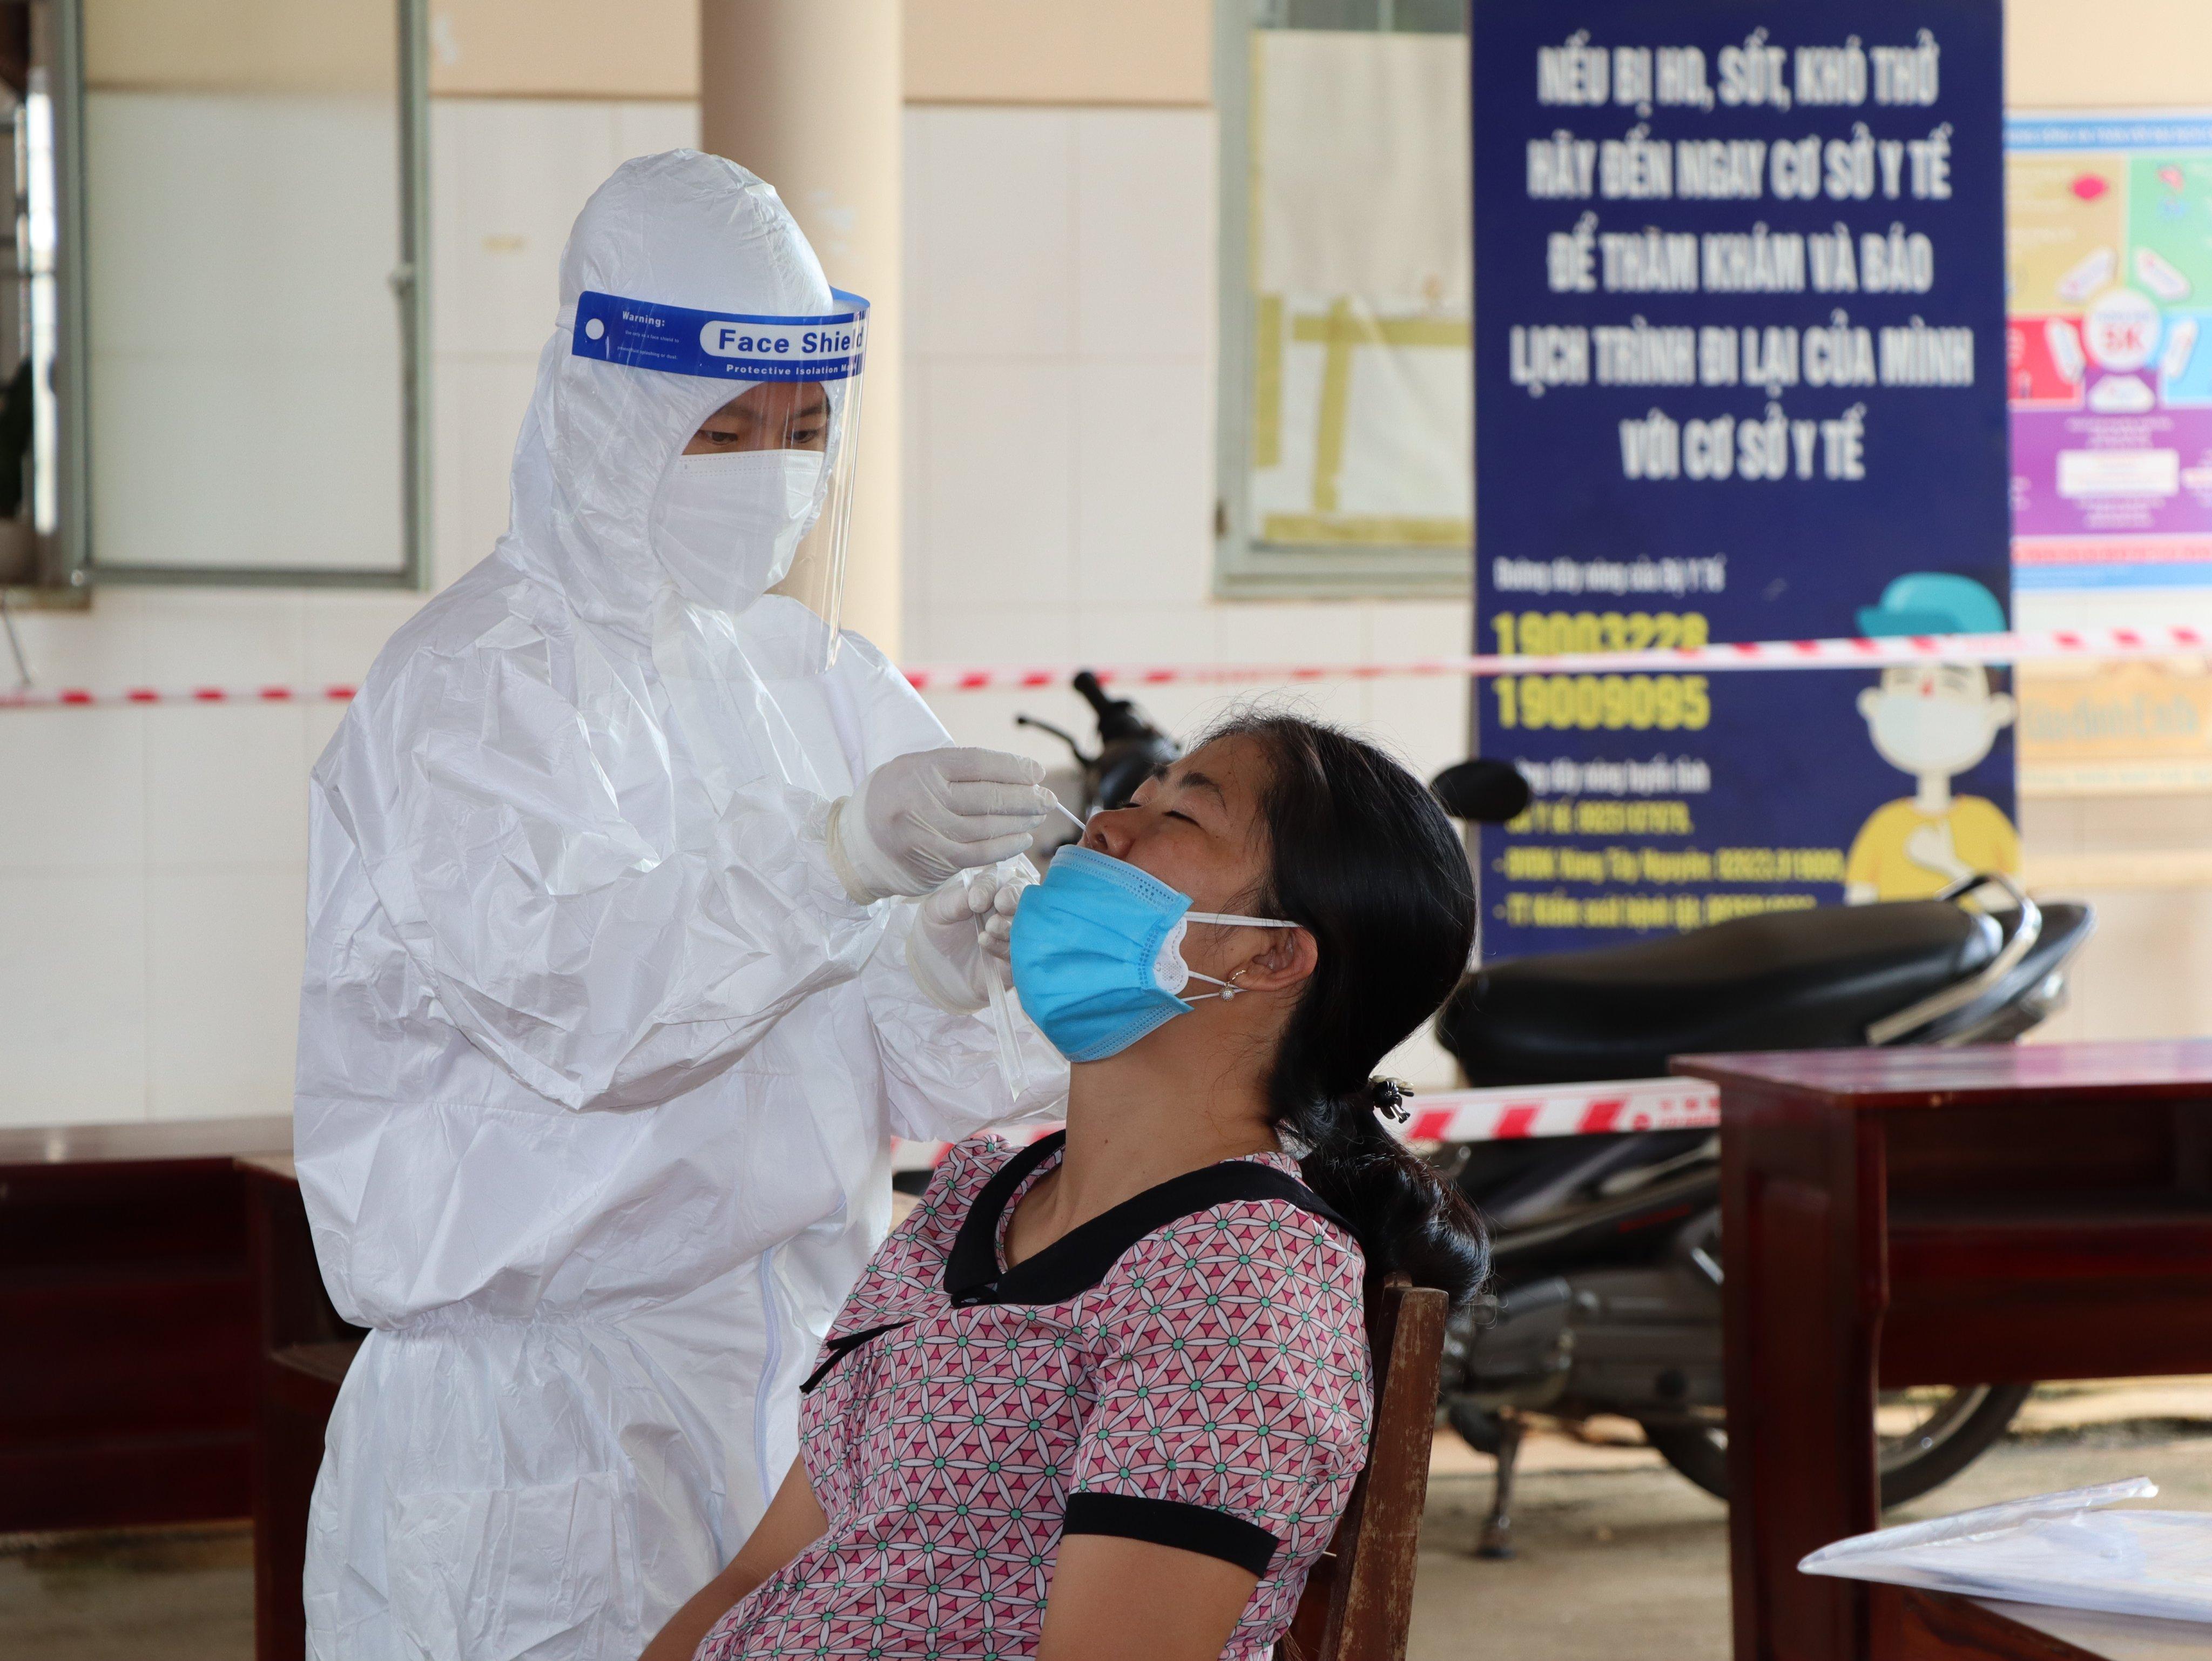 Đắk Lắk ghi nhận thêm 14 trường hợp dương tính với SARS-CoV-2 trong ngày 16/9